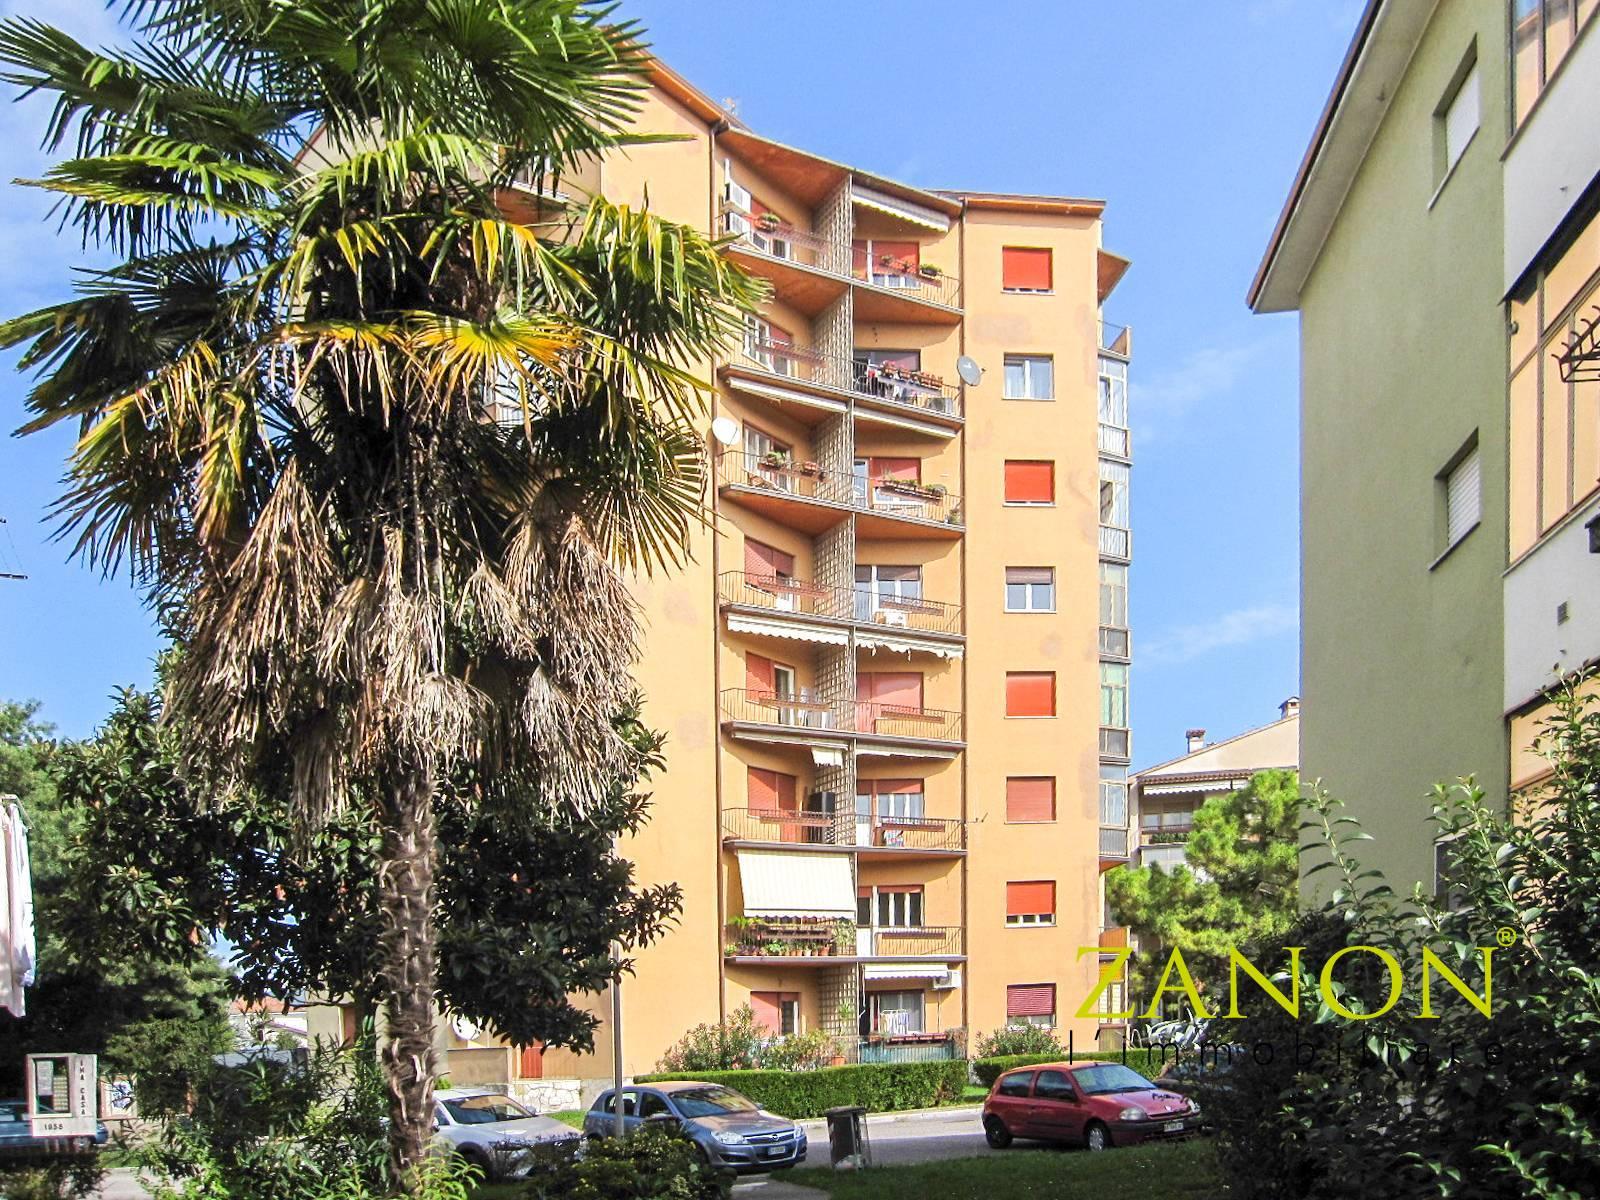 Appartamento in vendita a Gorizia, 6 locali, zona Località: Campagnuzza, prezzo € 85.000   PortaleAgenzieImmobiliari.it